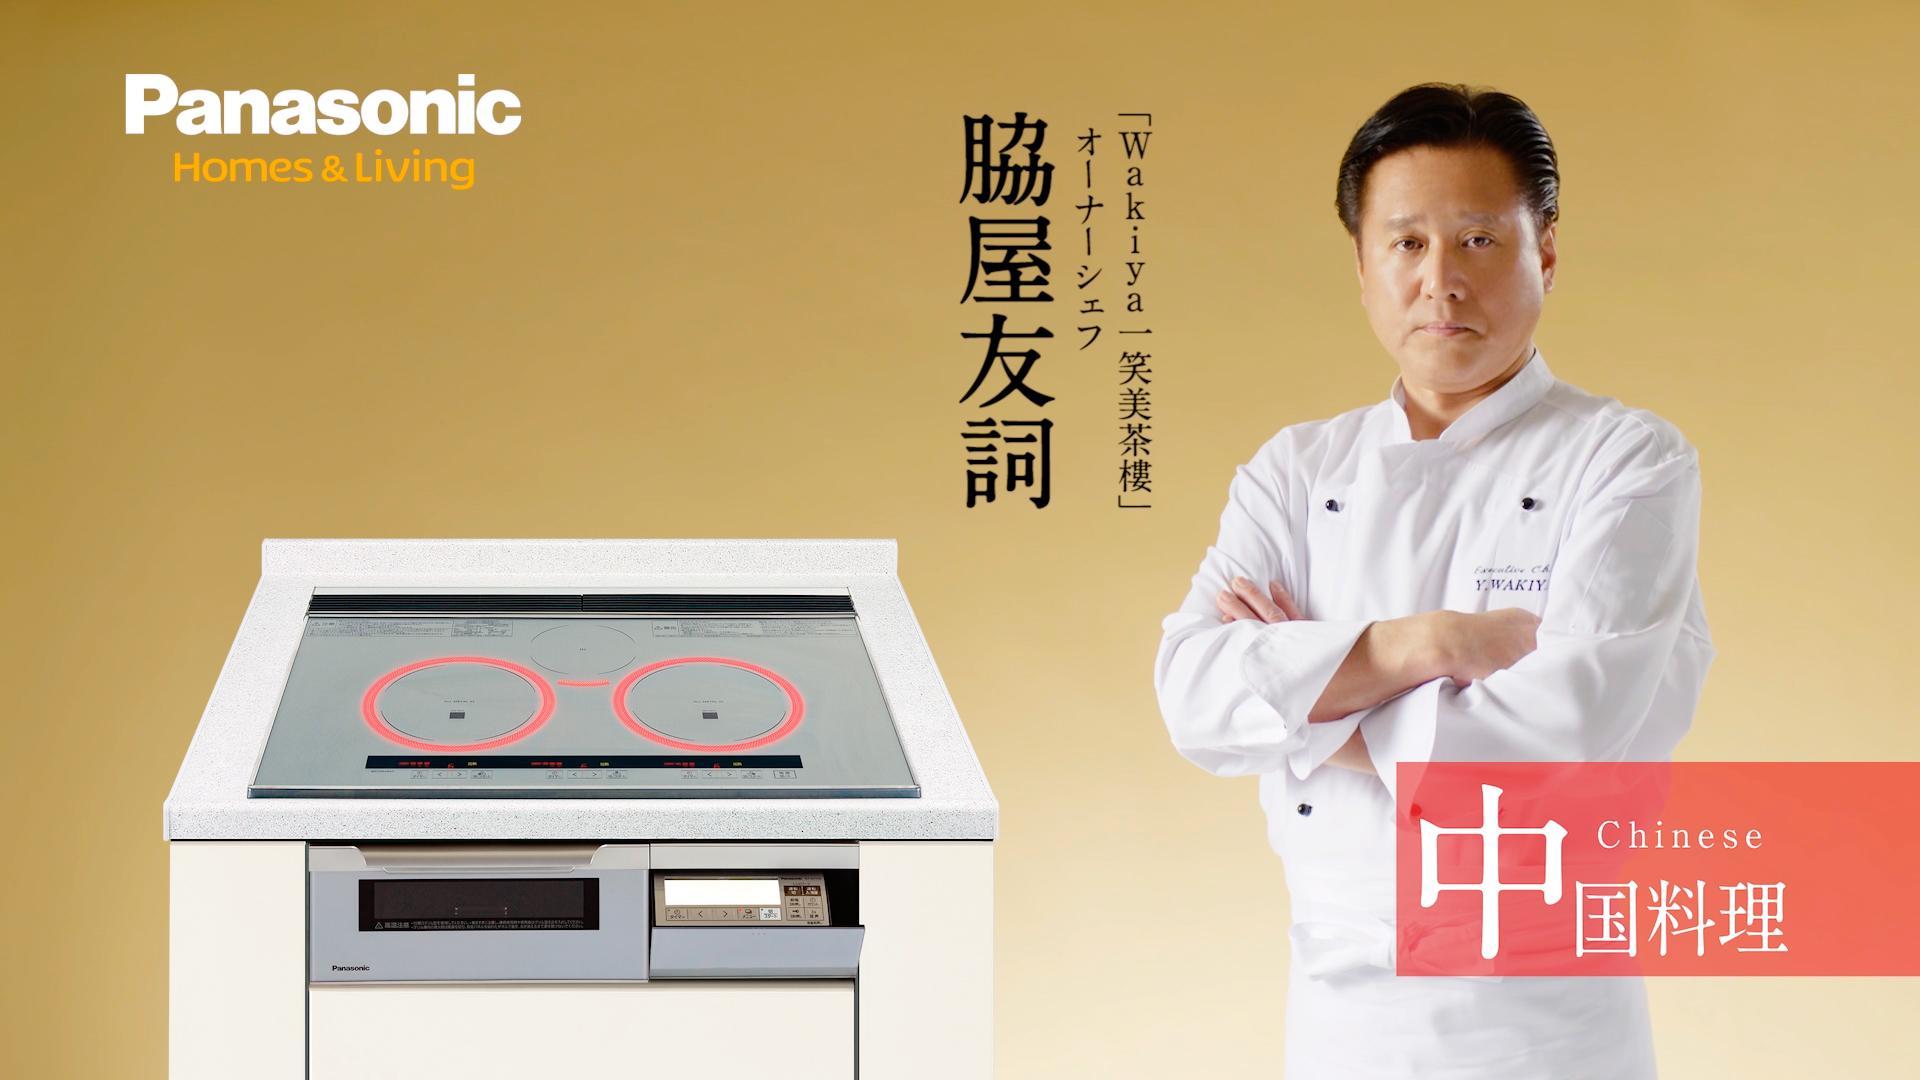 中国料理のプロ 脇屋シェフがパナソニックのIHクッキングヒーターで家庭の料理を変える!